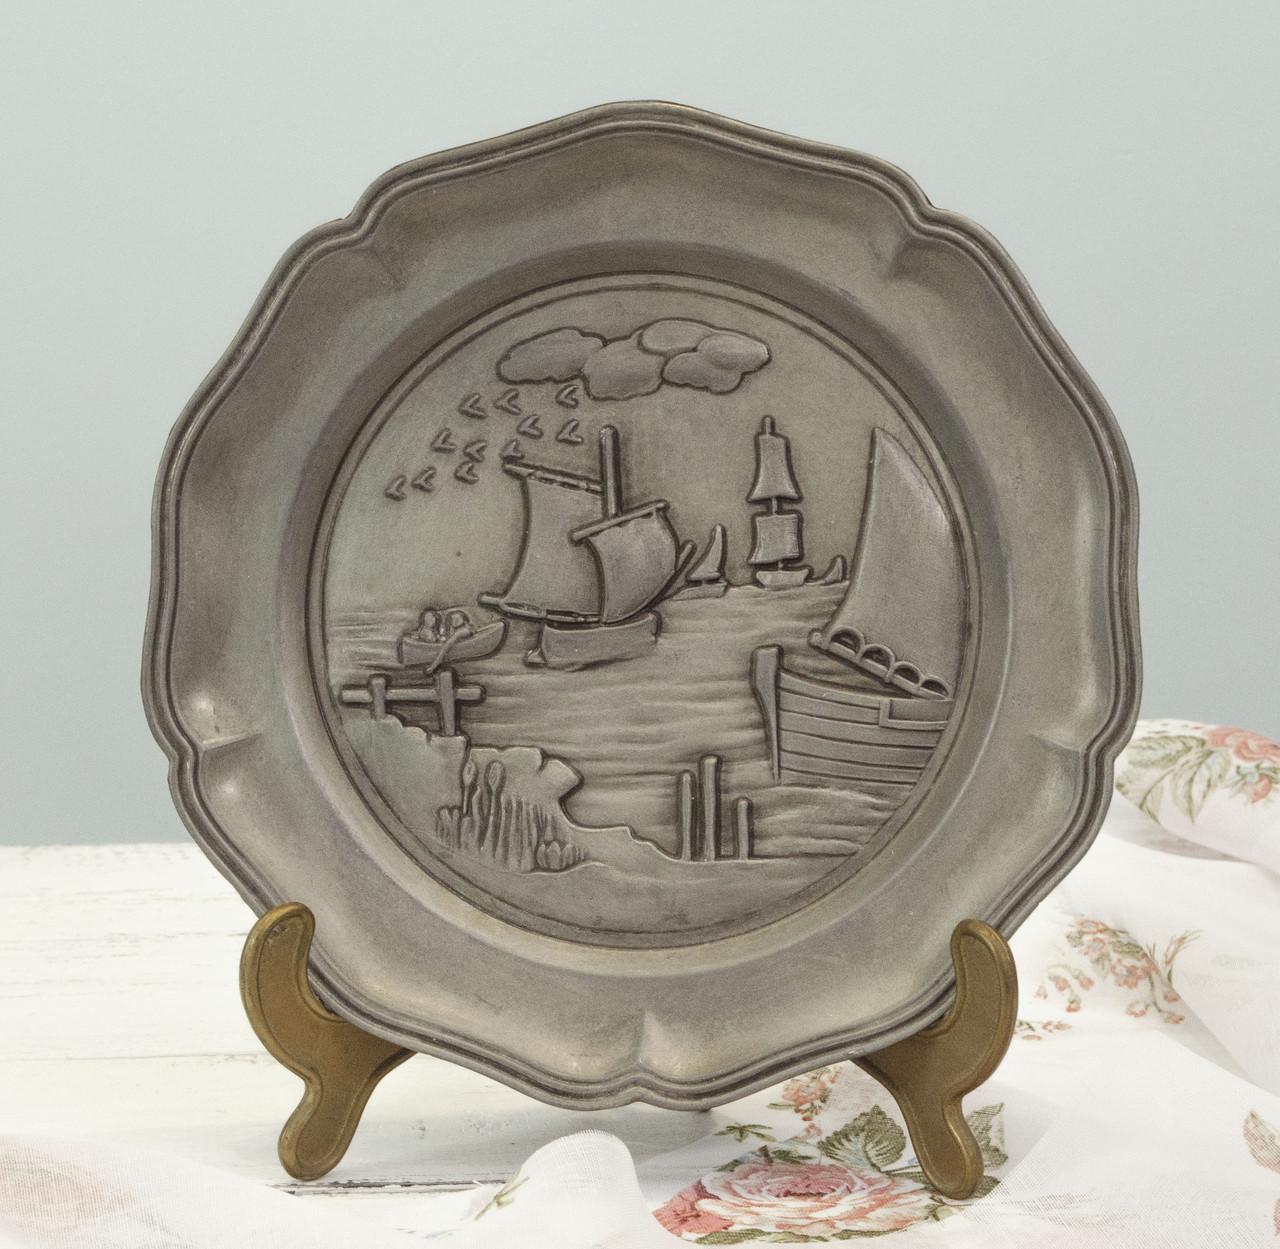 Настенная оловянная тарелка, пищевое олово, Германия, Корабль